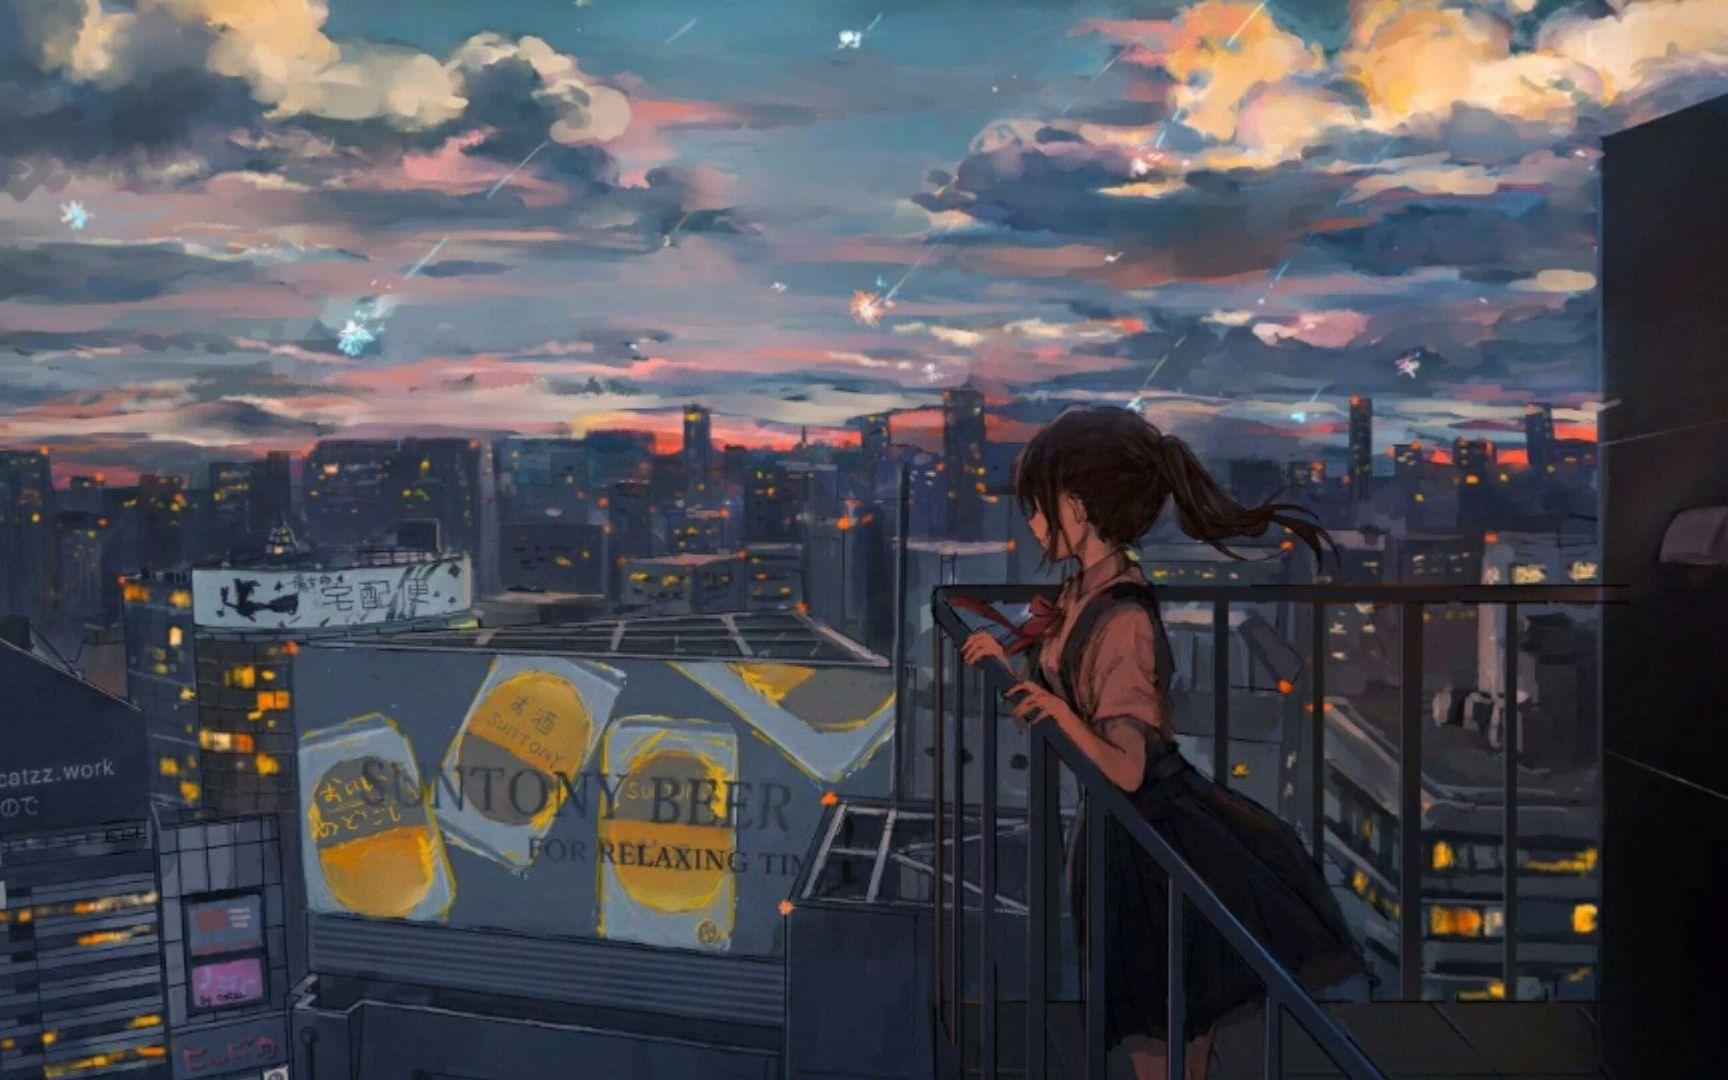 Sad anime girl on rooftop